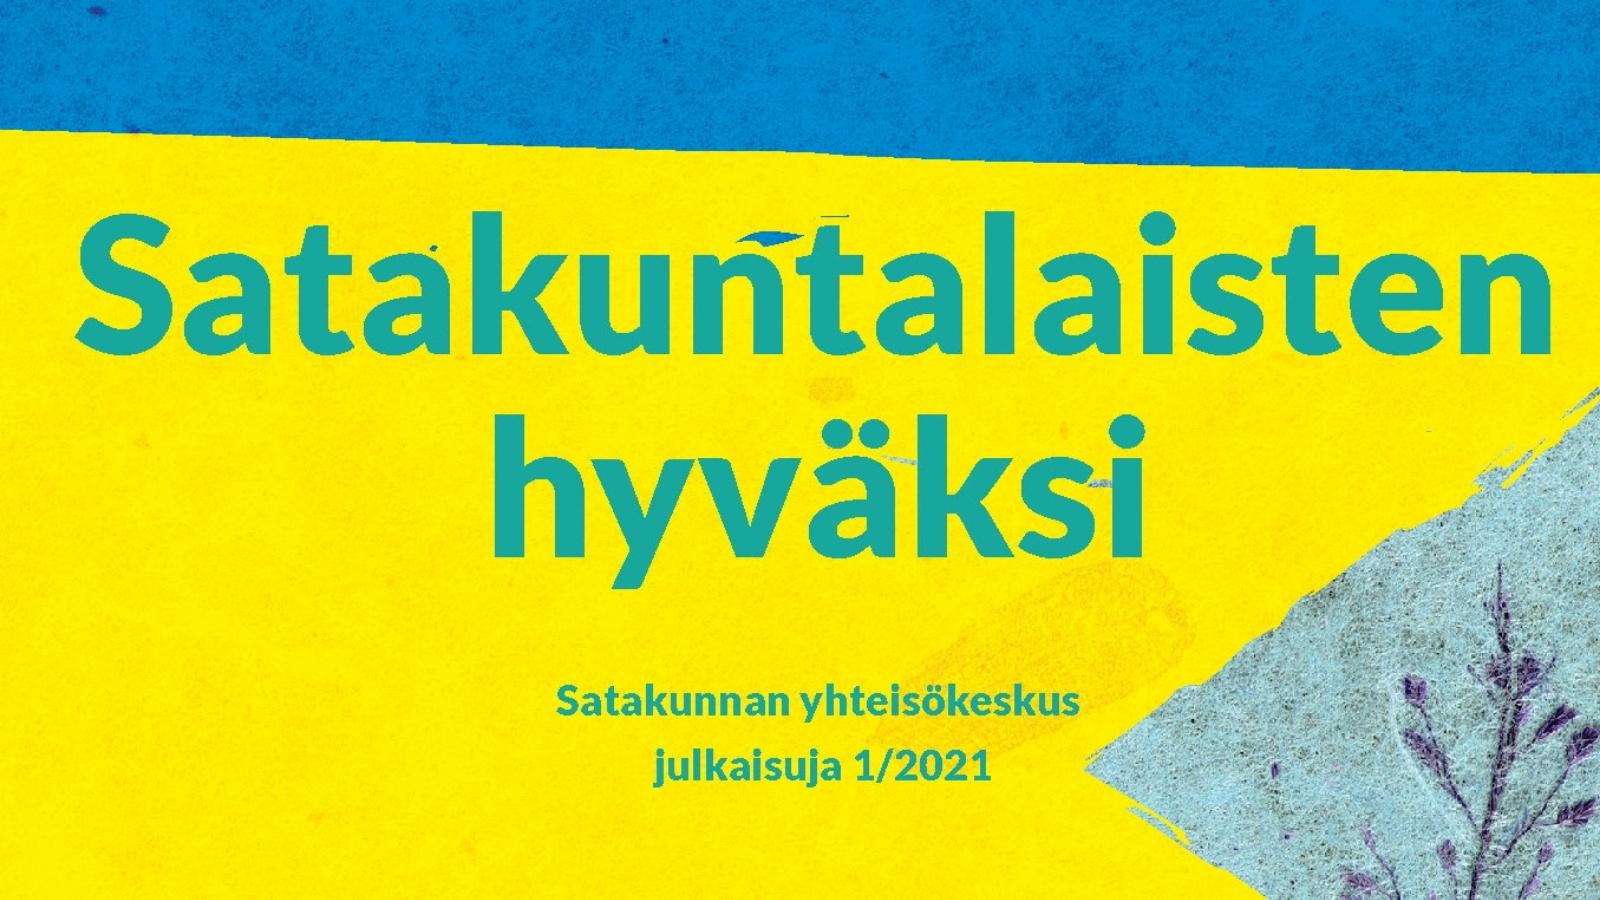 Satakuntalaisten hyväksy Satakunnan yhteisökeskus julkaisuja 1/2021